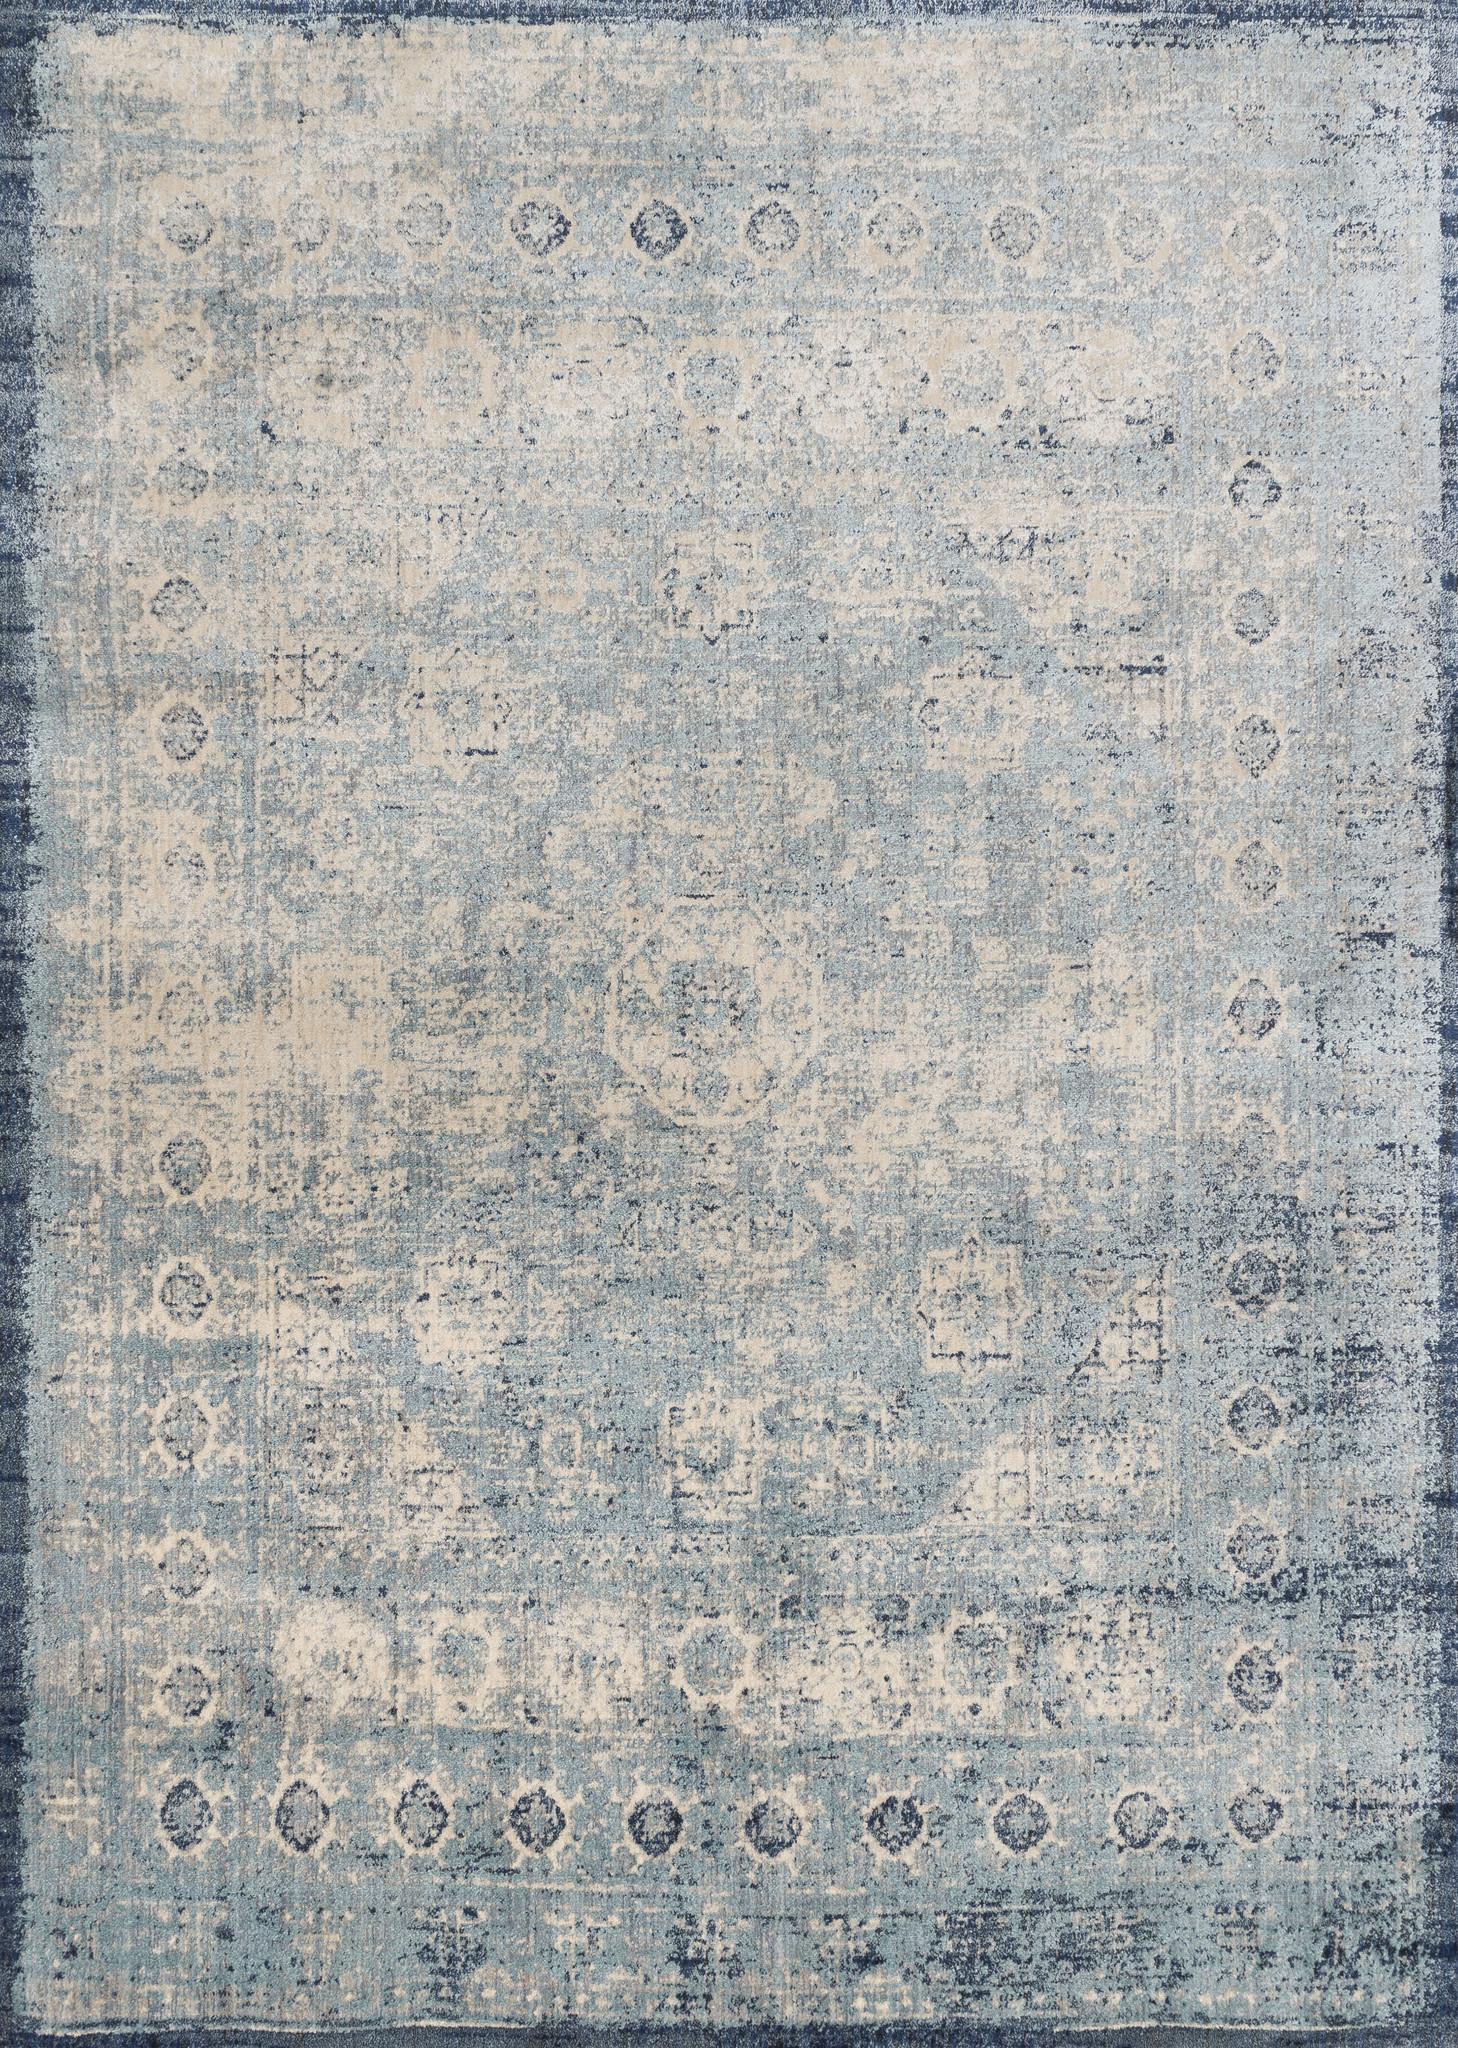 ANASTASIA RUG - 8 x 10